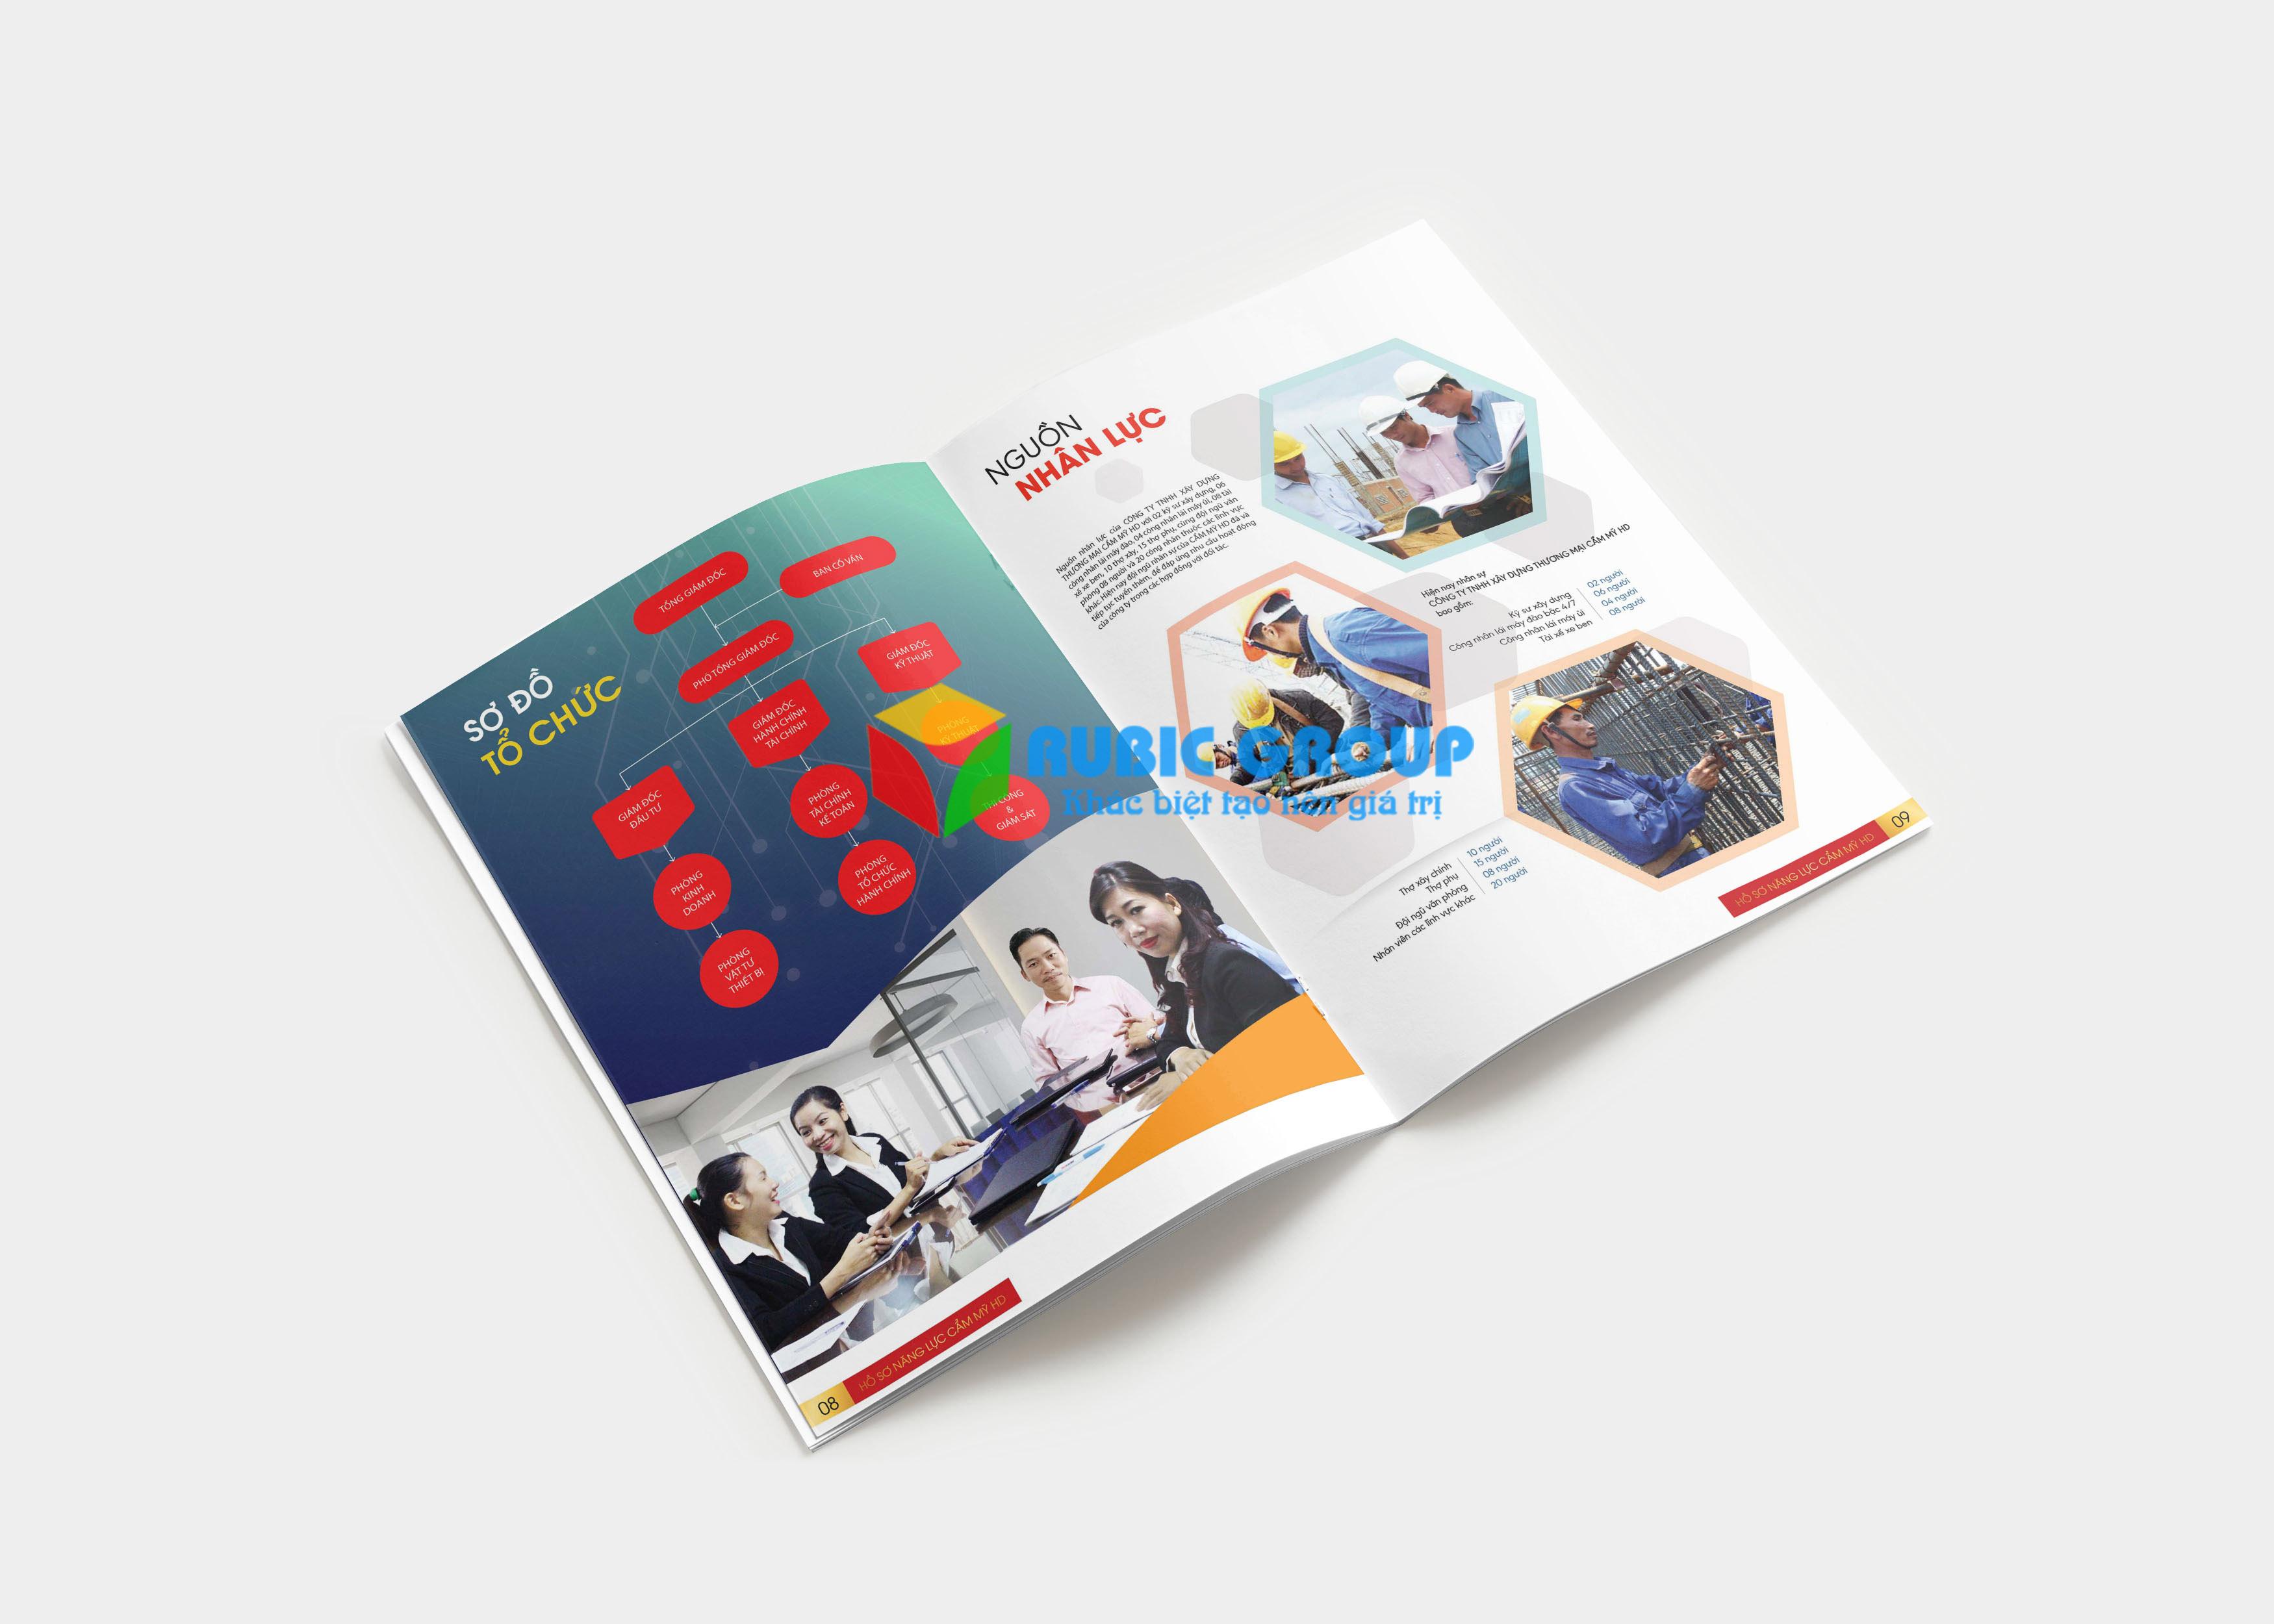 thiết kế hồ sơ năng lực cẩm mỹ hd 1